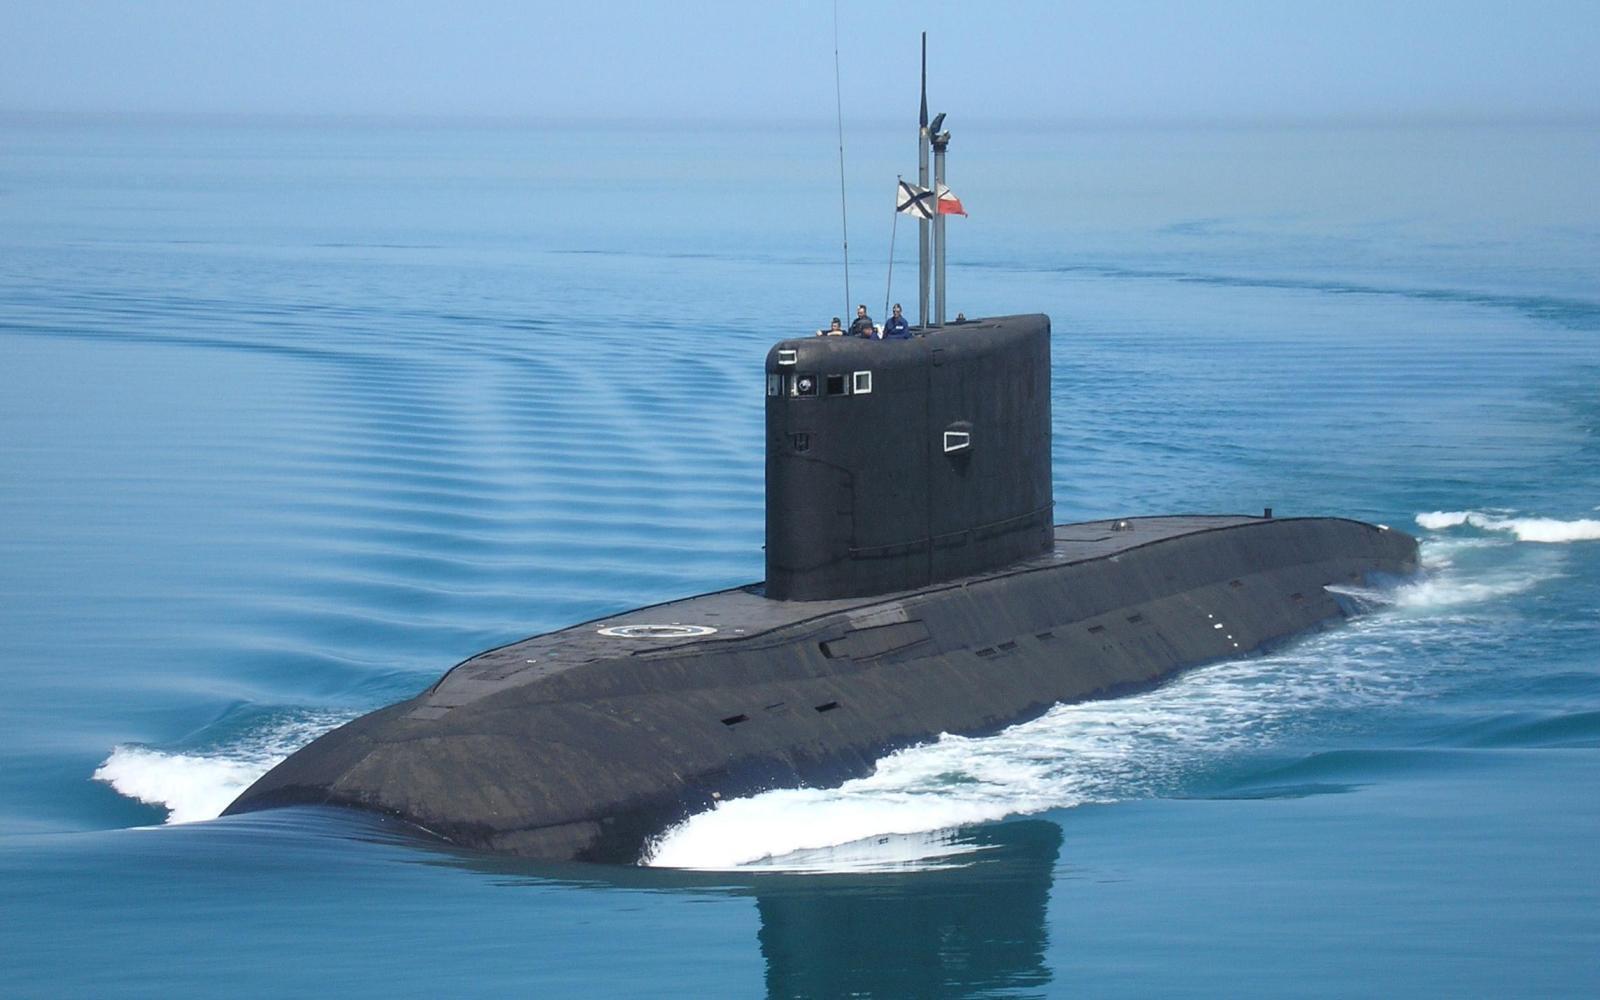 这个时间点如果在南海又有新锐潜艇进入,对中国海军反潜压力可想而知.